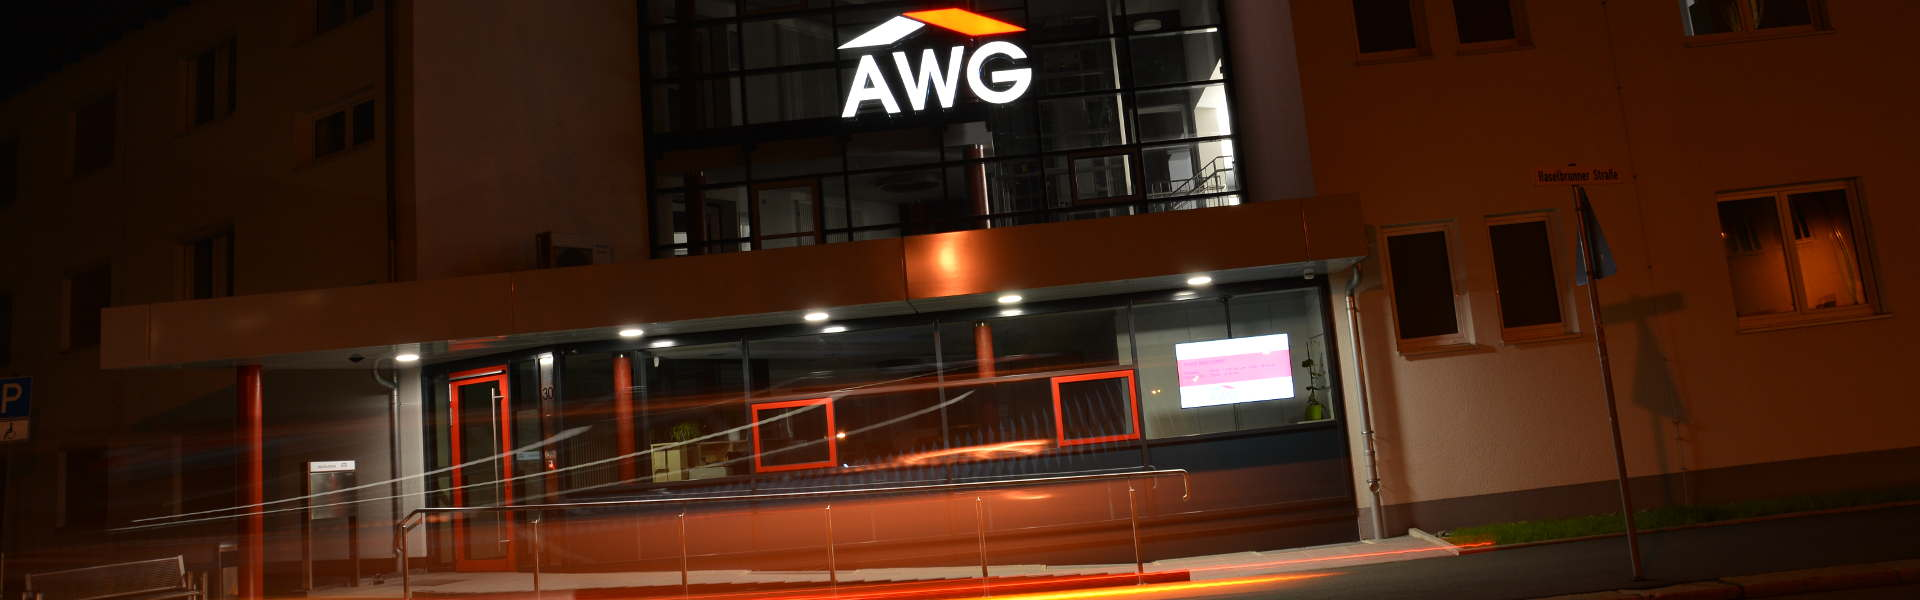 Lichttechnik-Lichtwerbung-AWG-Konstrukta-Werbetechnik-1920x600px